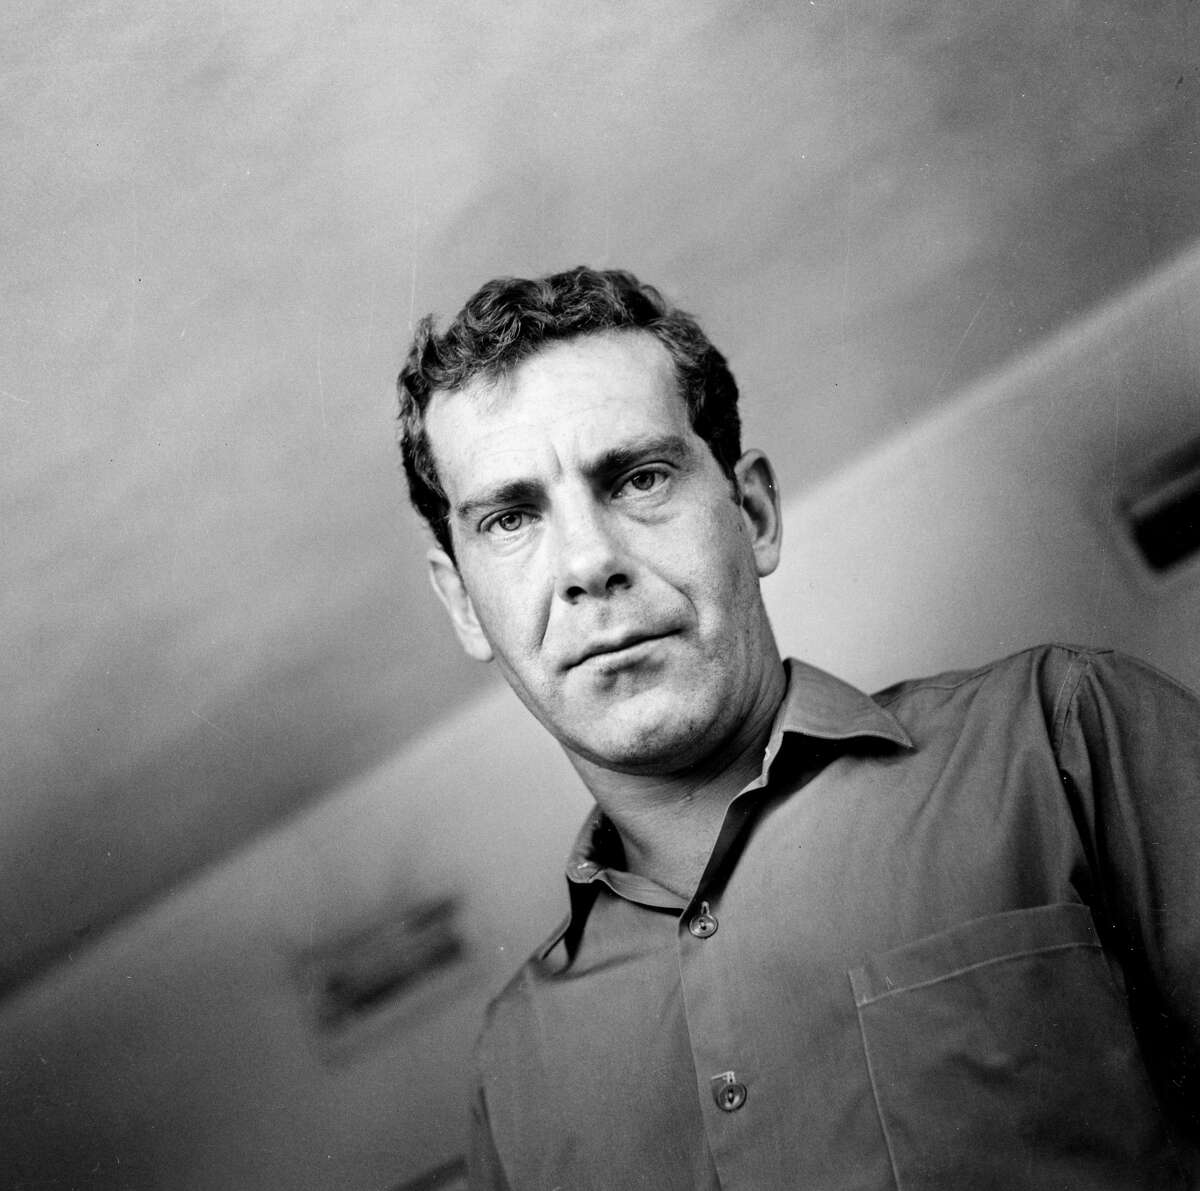 Morley Safer in 1966.